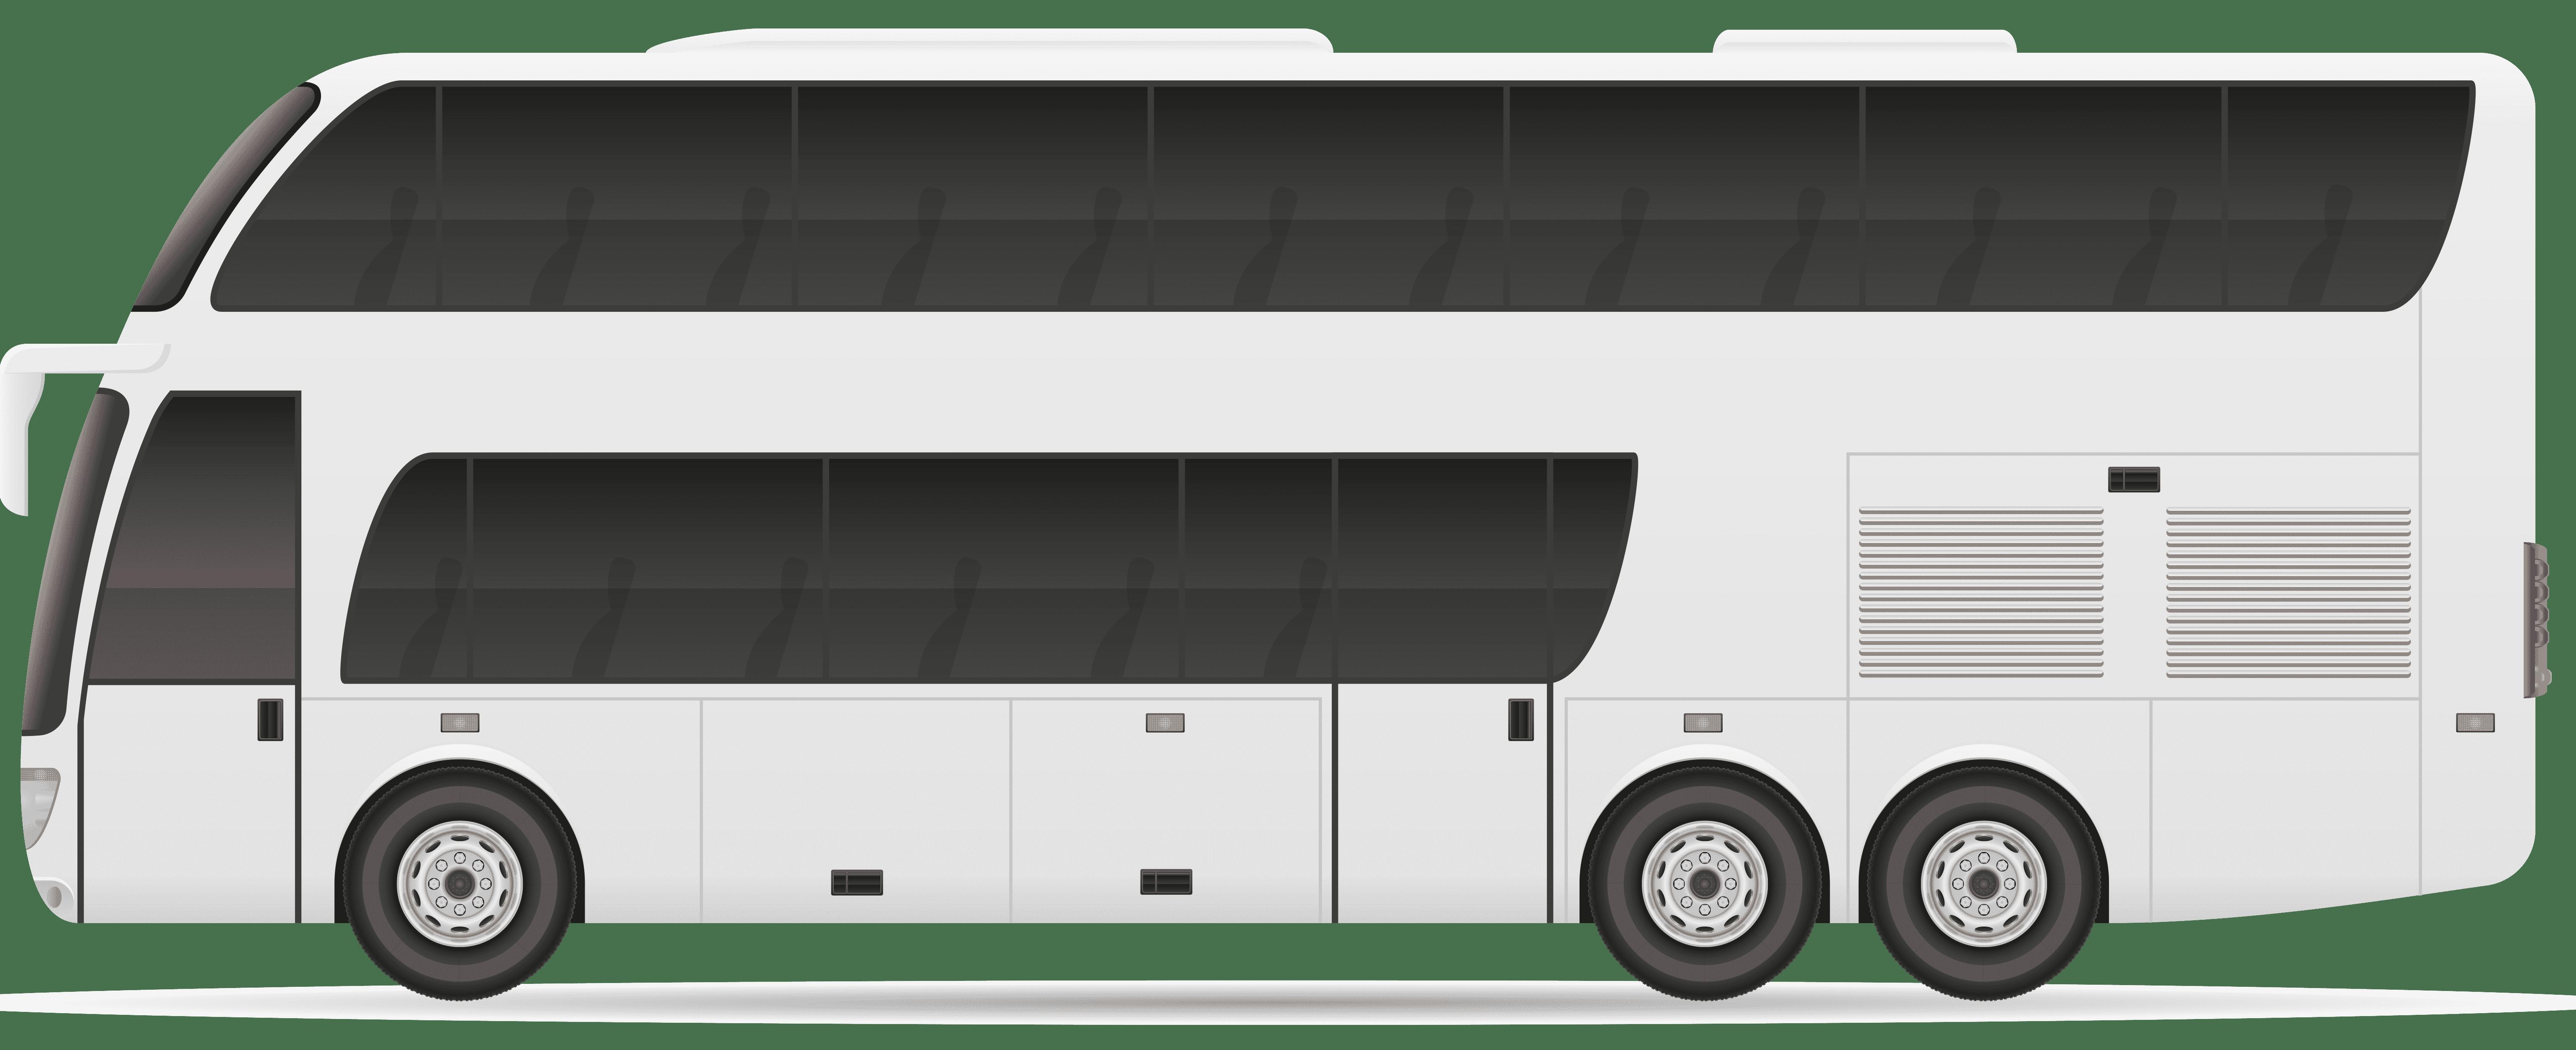 Dubbeldekker bus huren Dordrecht - ikwileengoedkopebushuren.nl